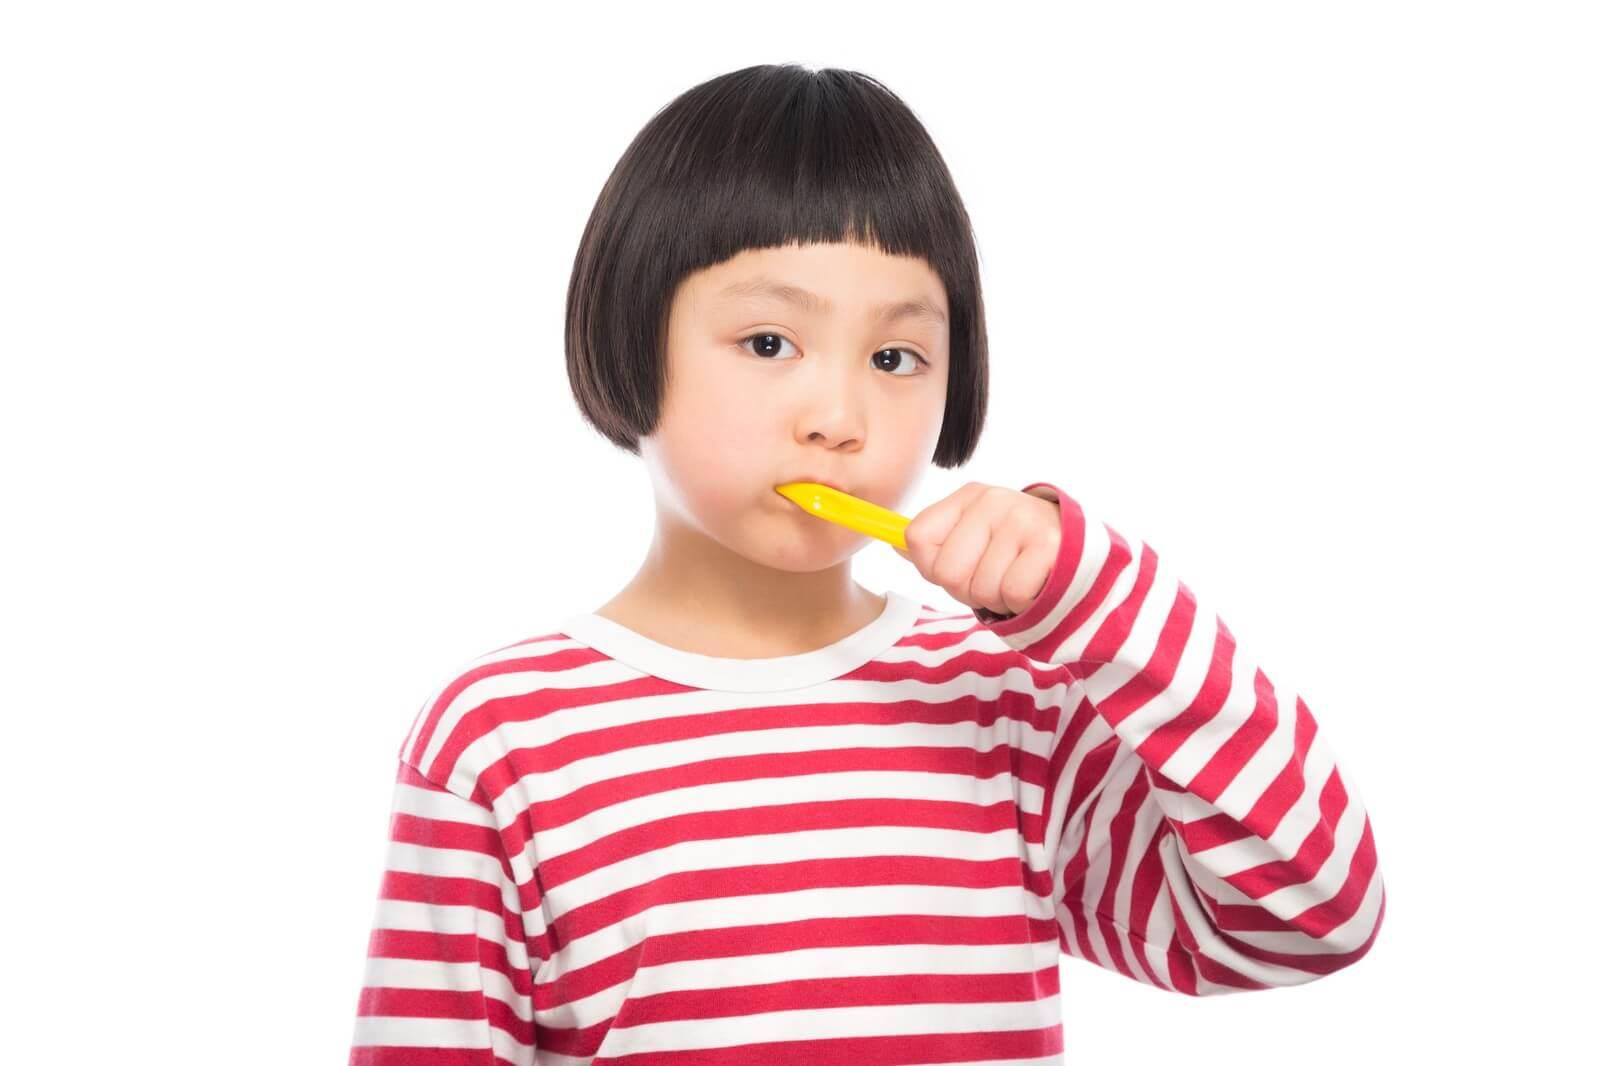 オーガニック歯磨き粉でもホワイトニング効果は期待出来る!